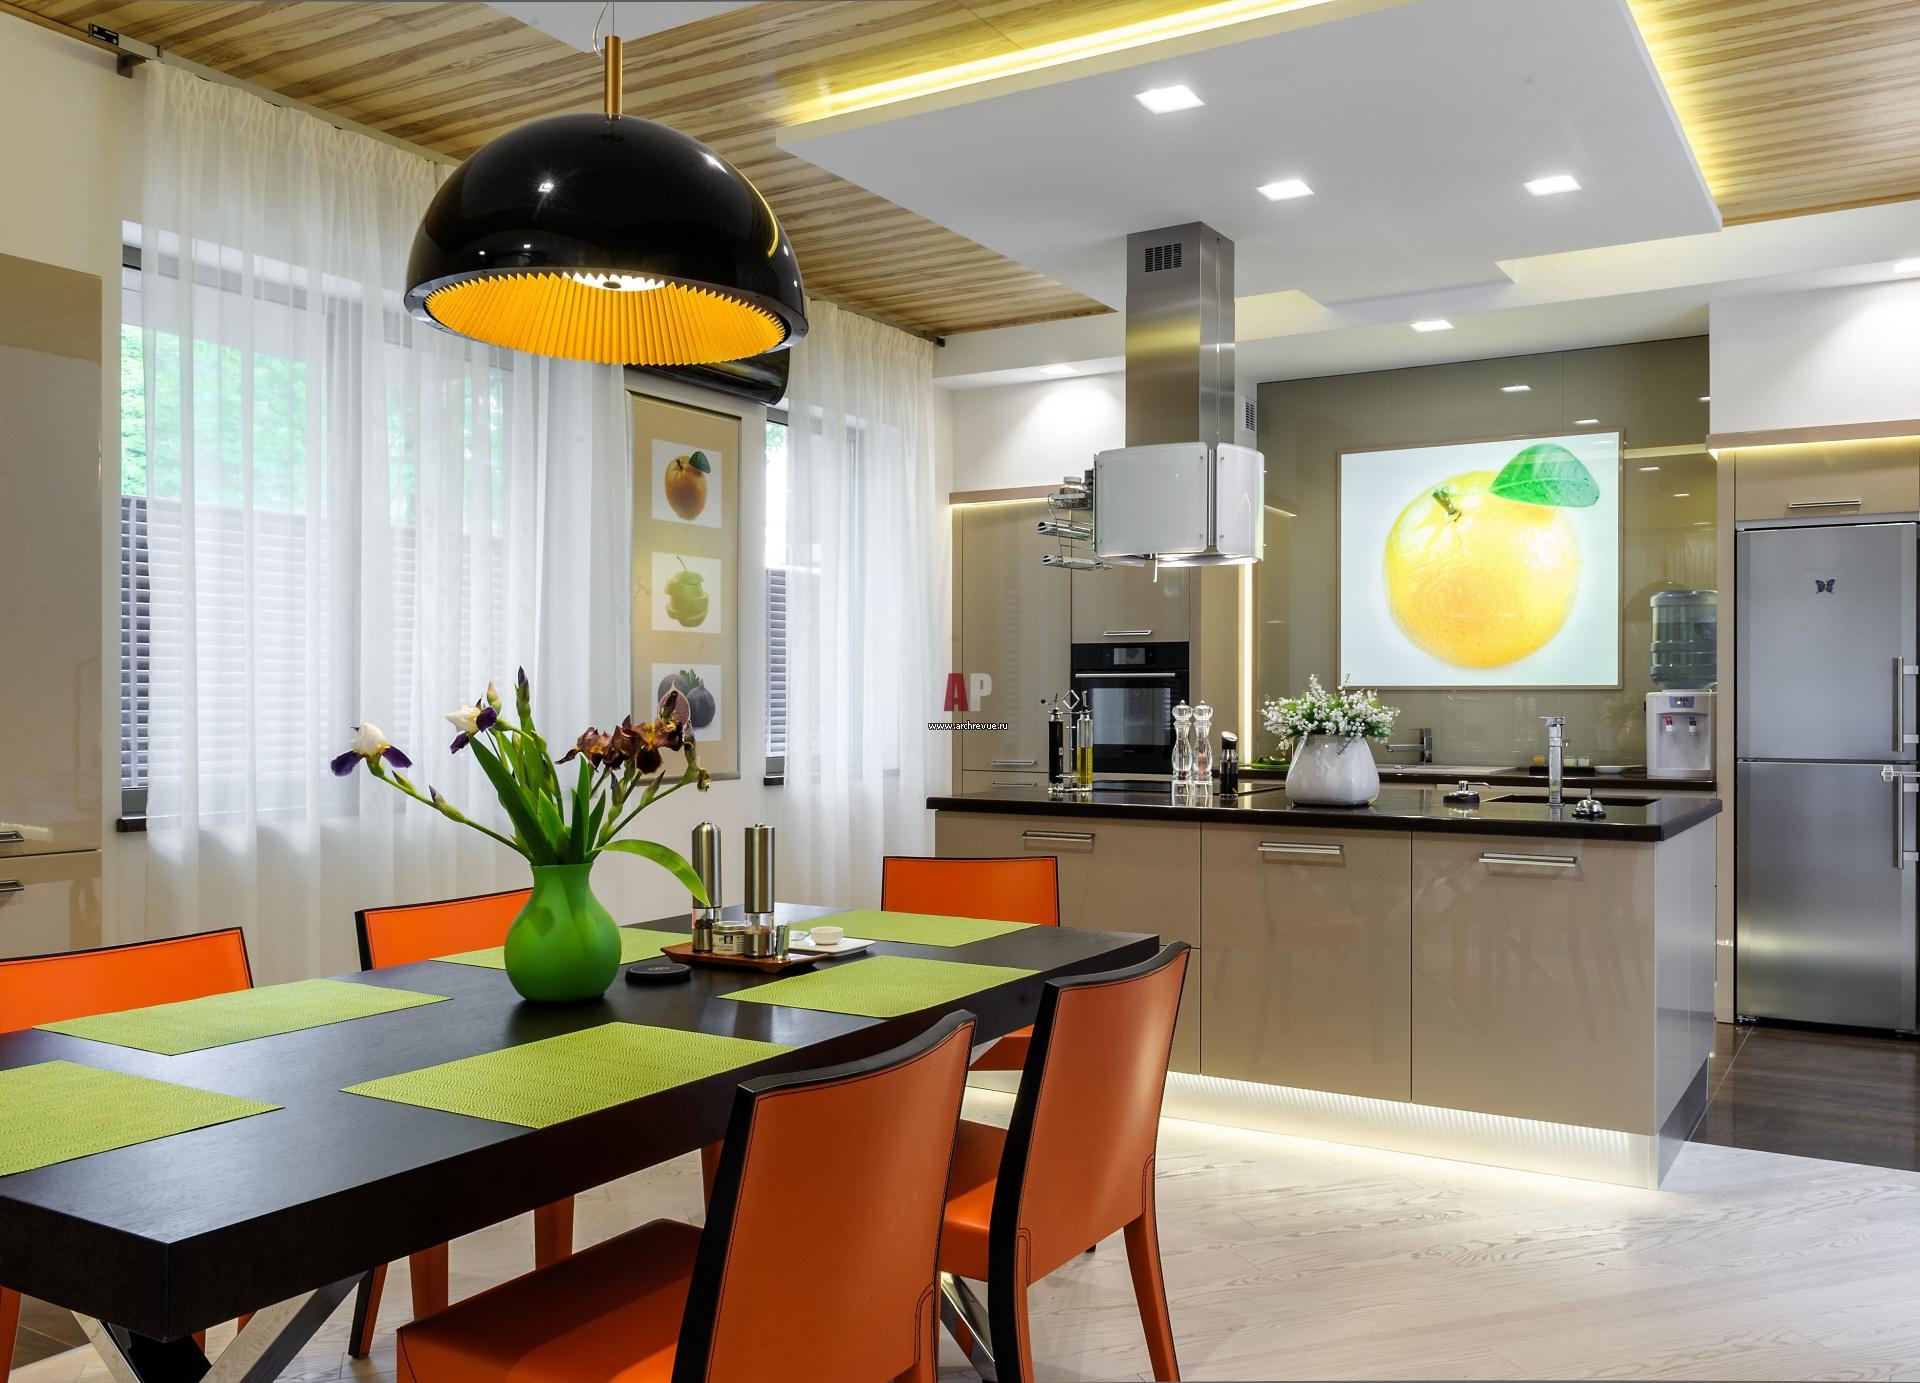 сильный современный дизайн кухни столовой фото территорию